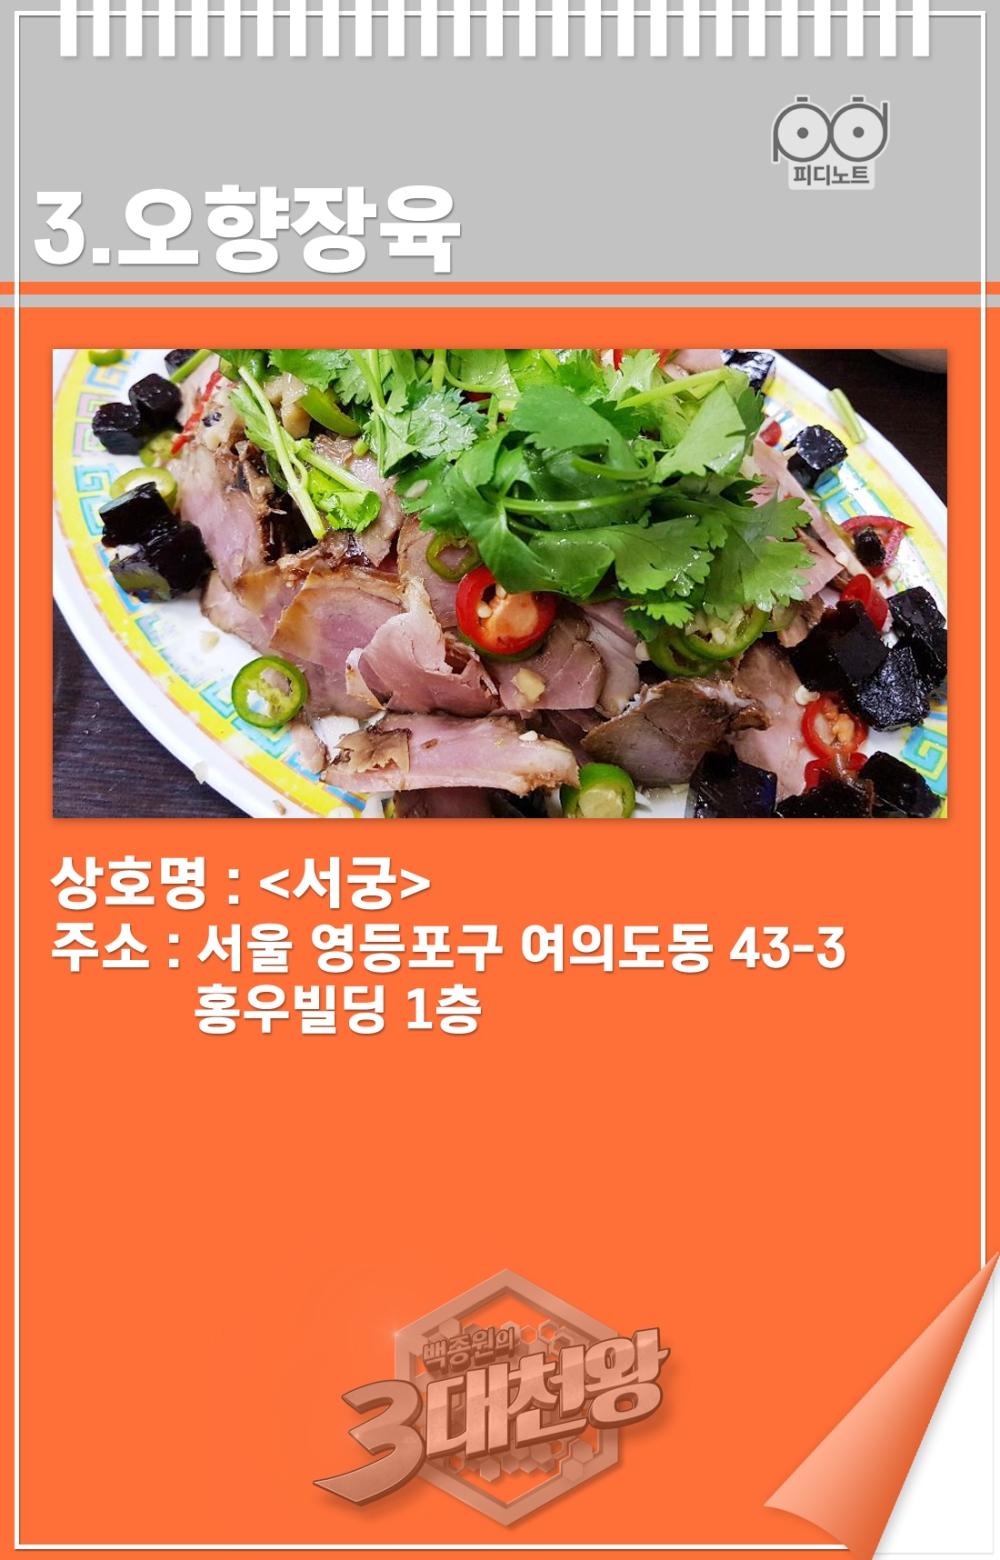 오향장육서궁서울영등포구여의도동43-3홍우빌딩1층